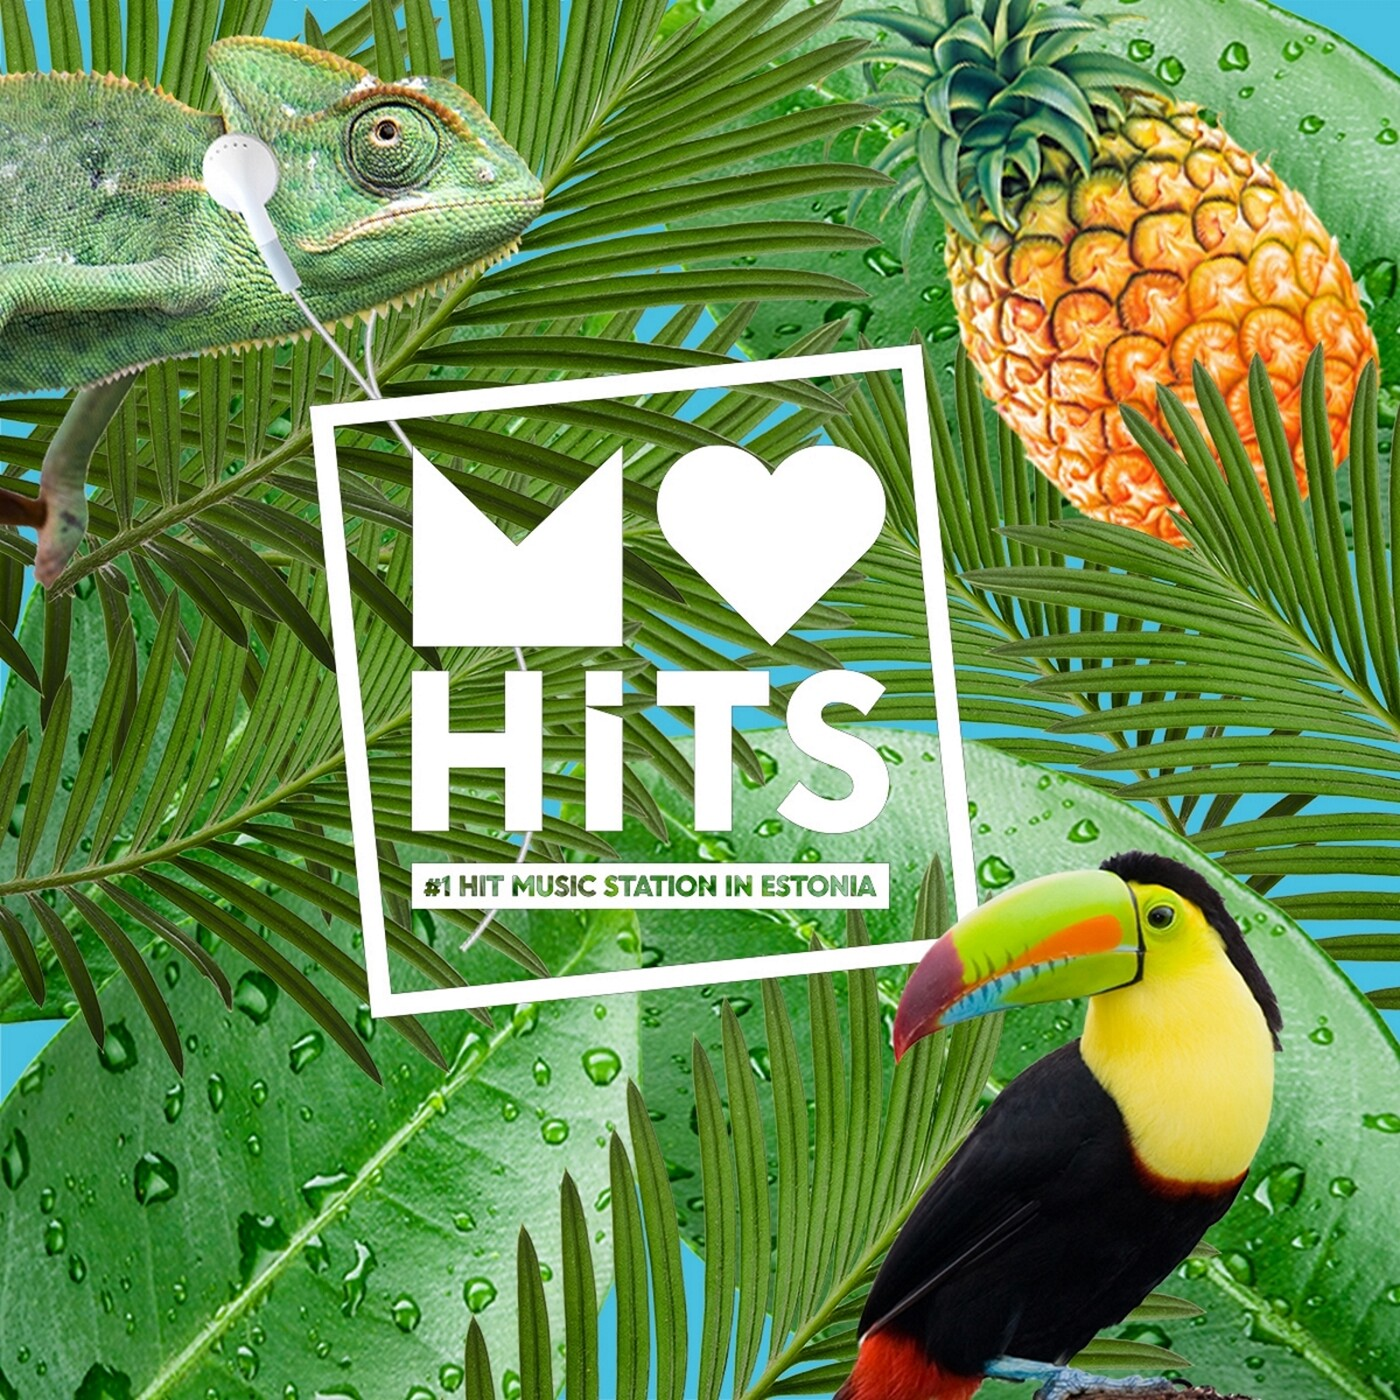 MyHits Hommik 2020-10-21 09:00